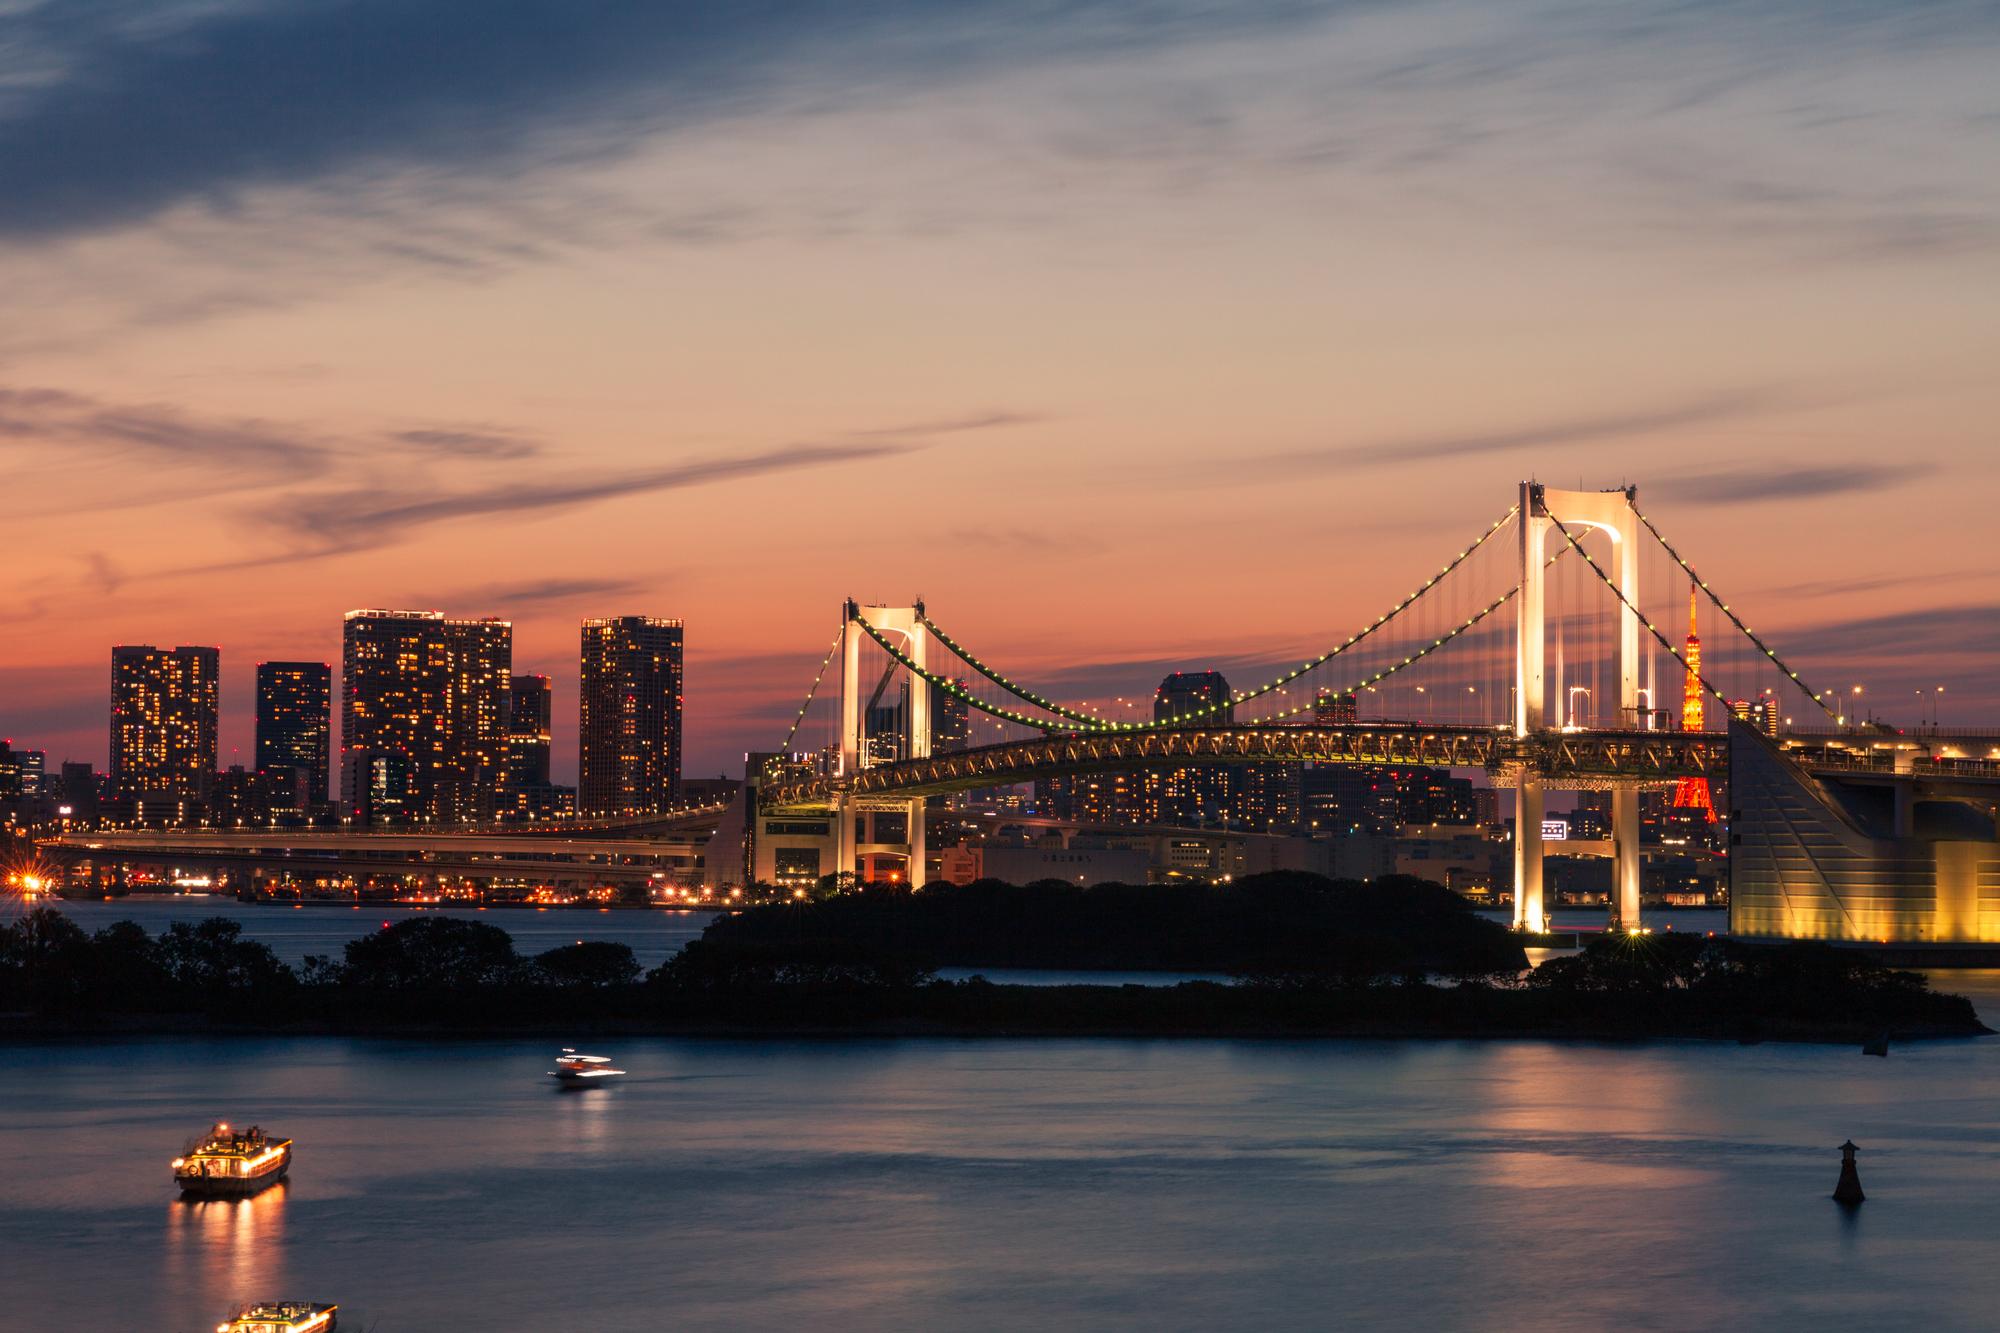 夕焼けのレインボーブリッジと屋形船